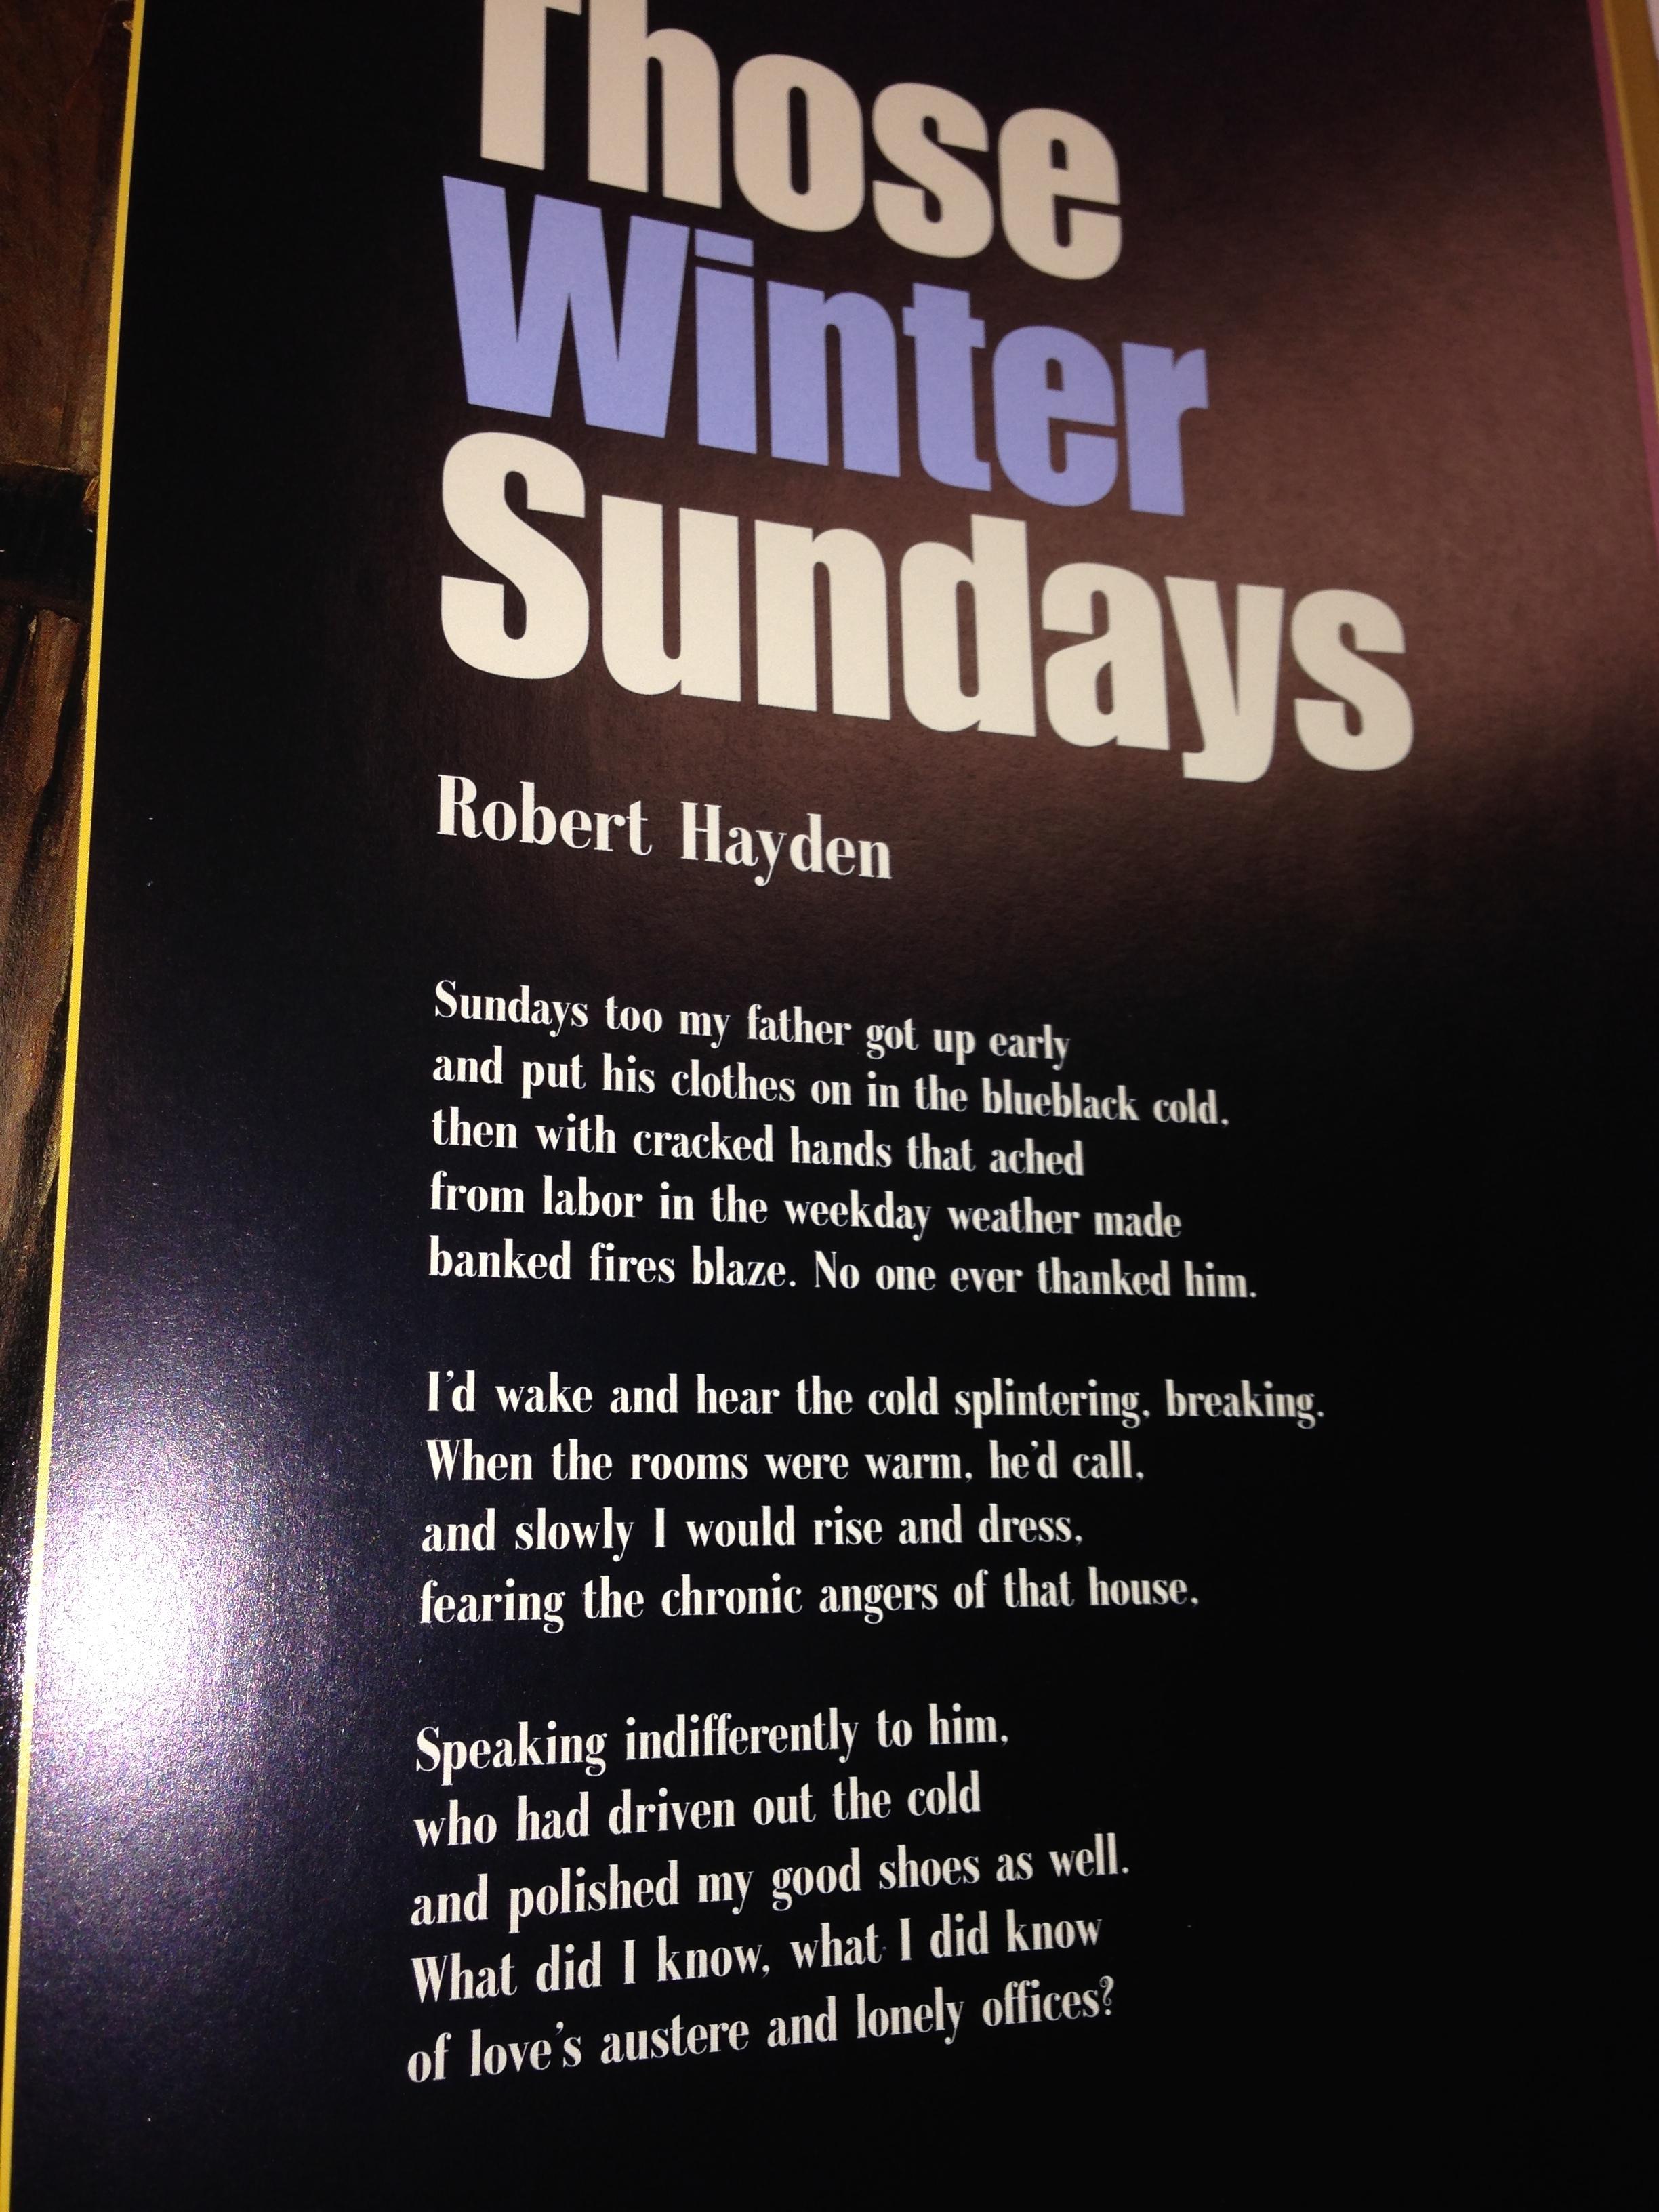 robert hayden essays on the poetry Robert hayden essays on the poetry edited by laurence goldstein and robert chrisman ann arbor.